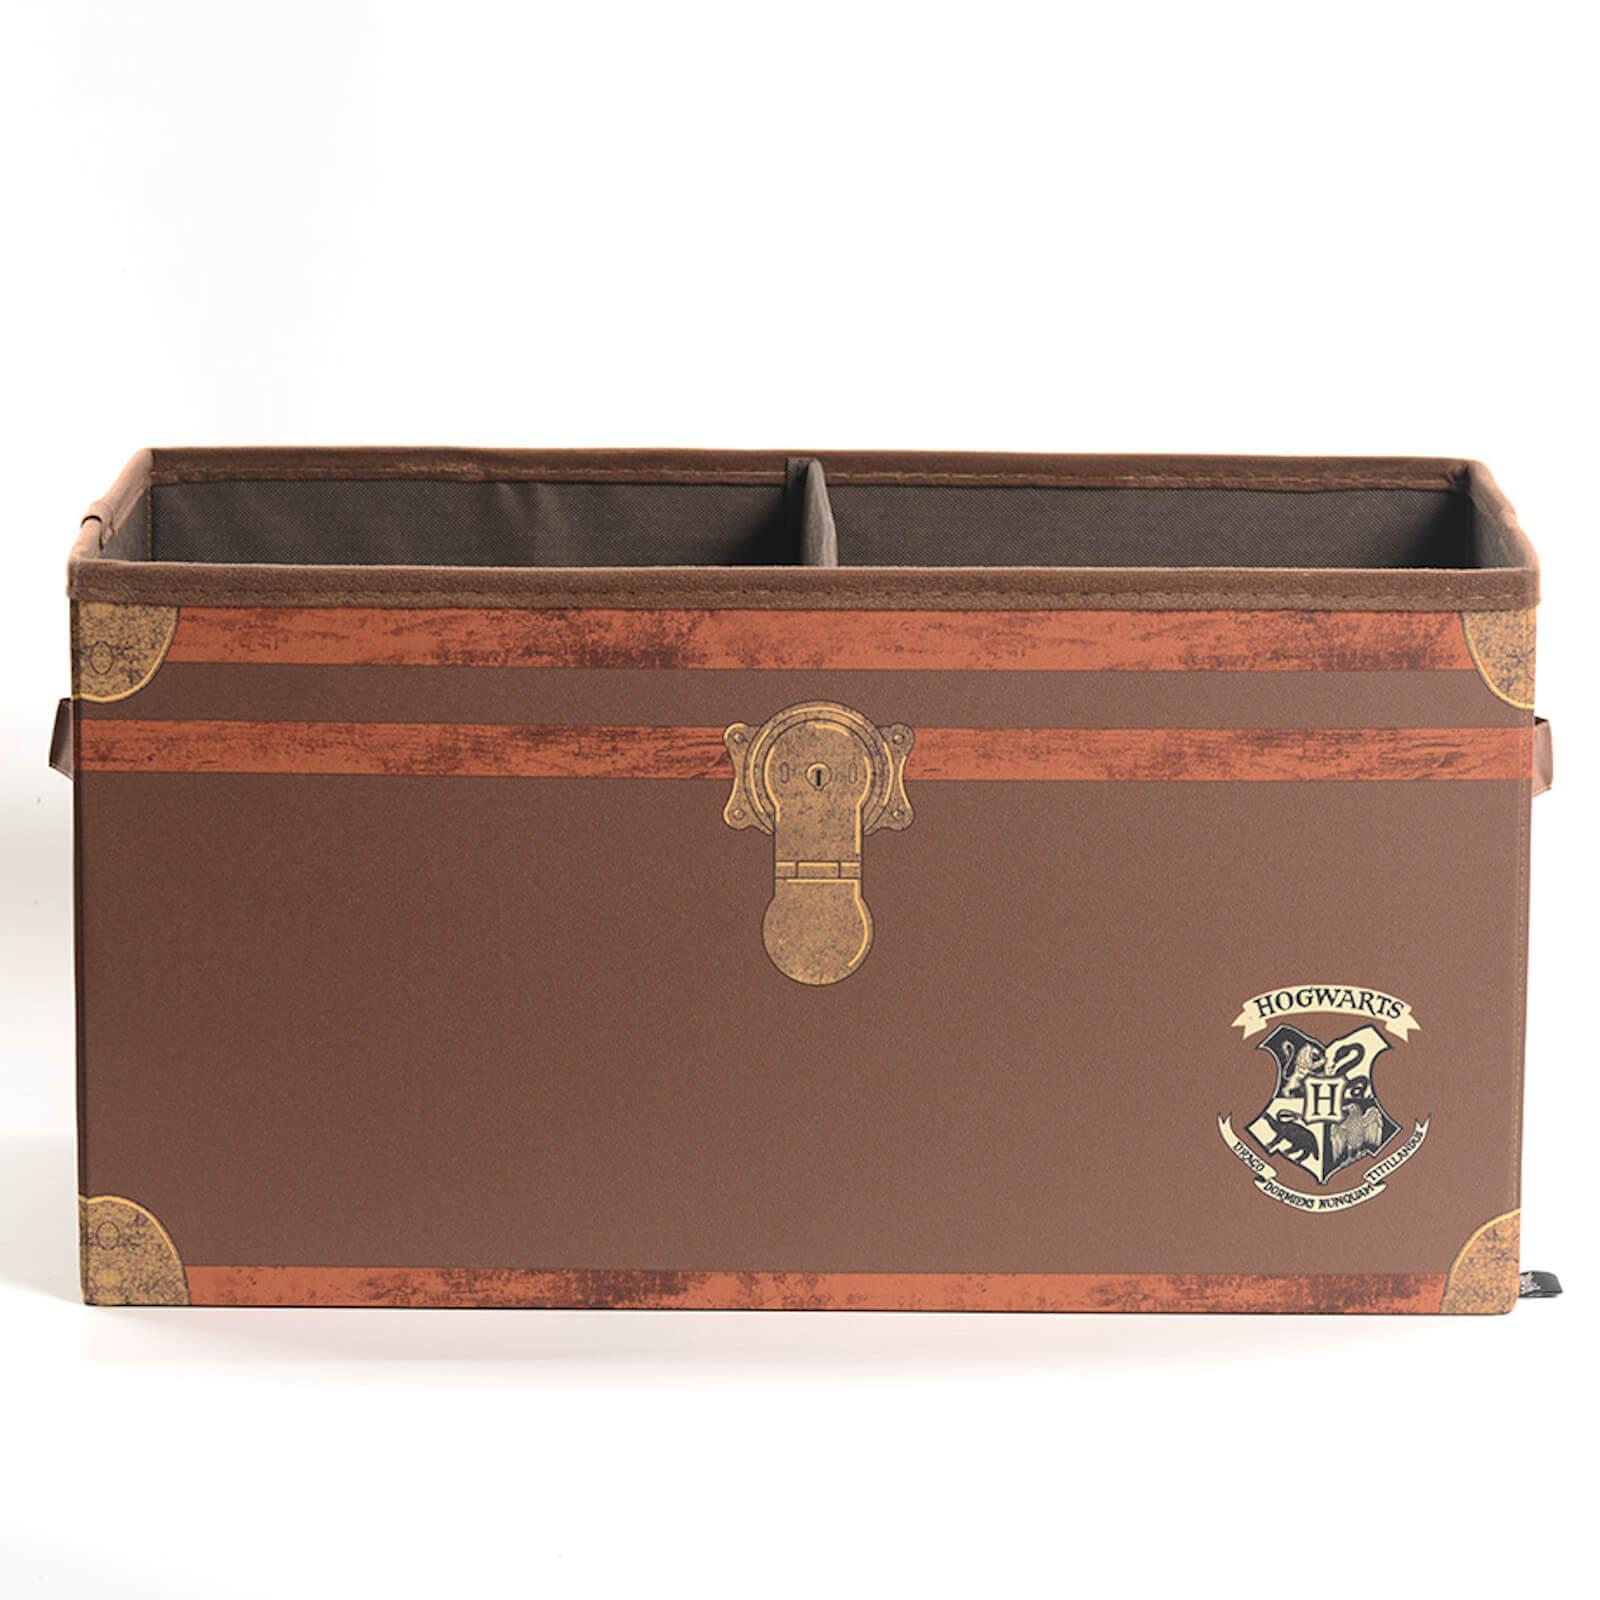 Image of Harry Potter Hogwarts Storage Unit